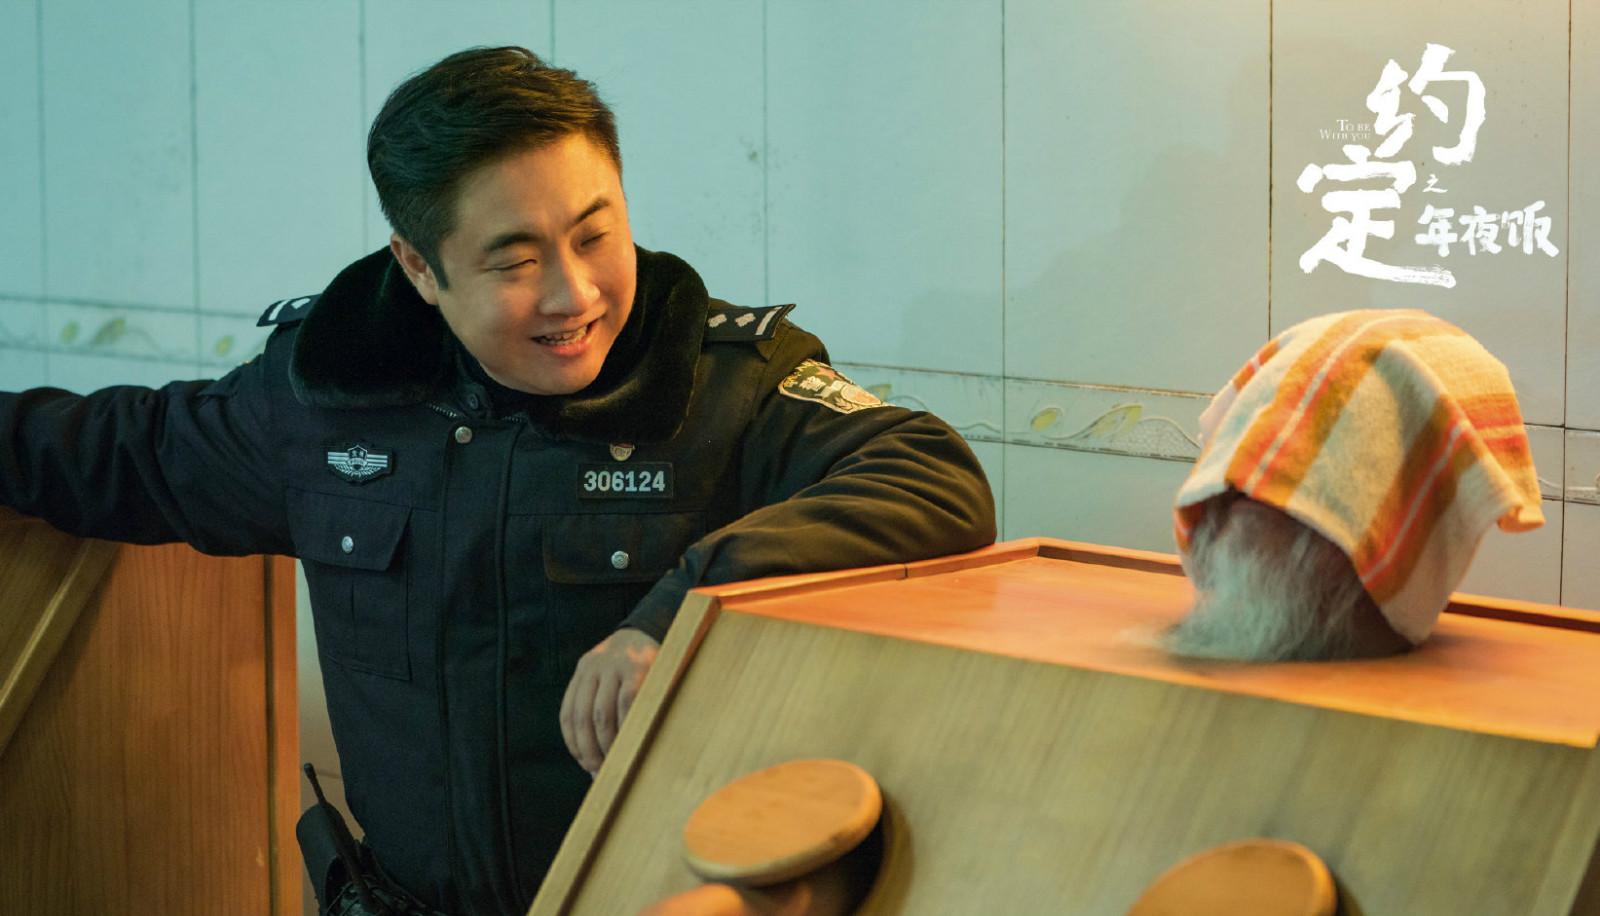 《约定》首播,乔杉张子贤上演爆笑片警,轻松幽默的下饭剧